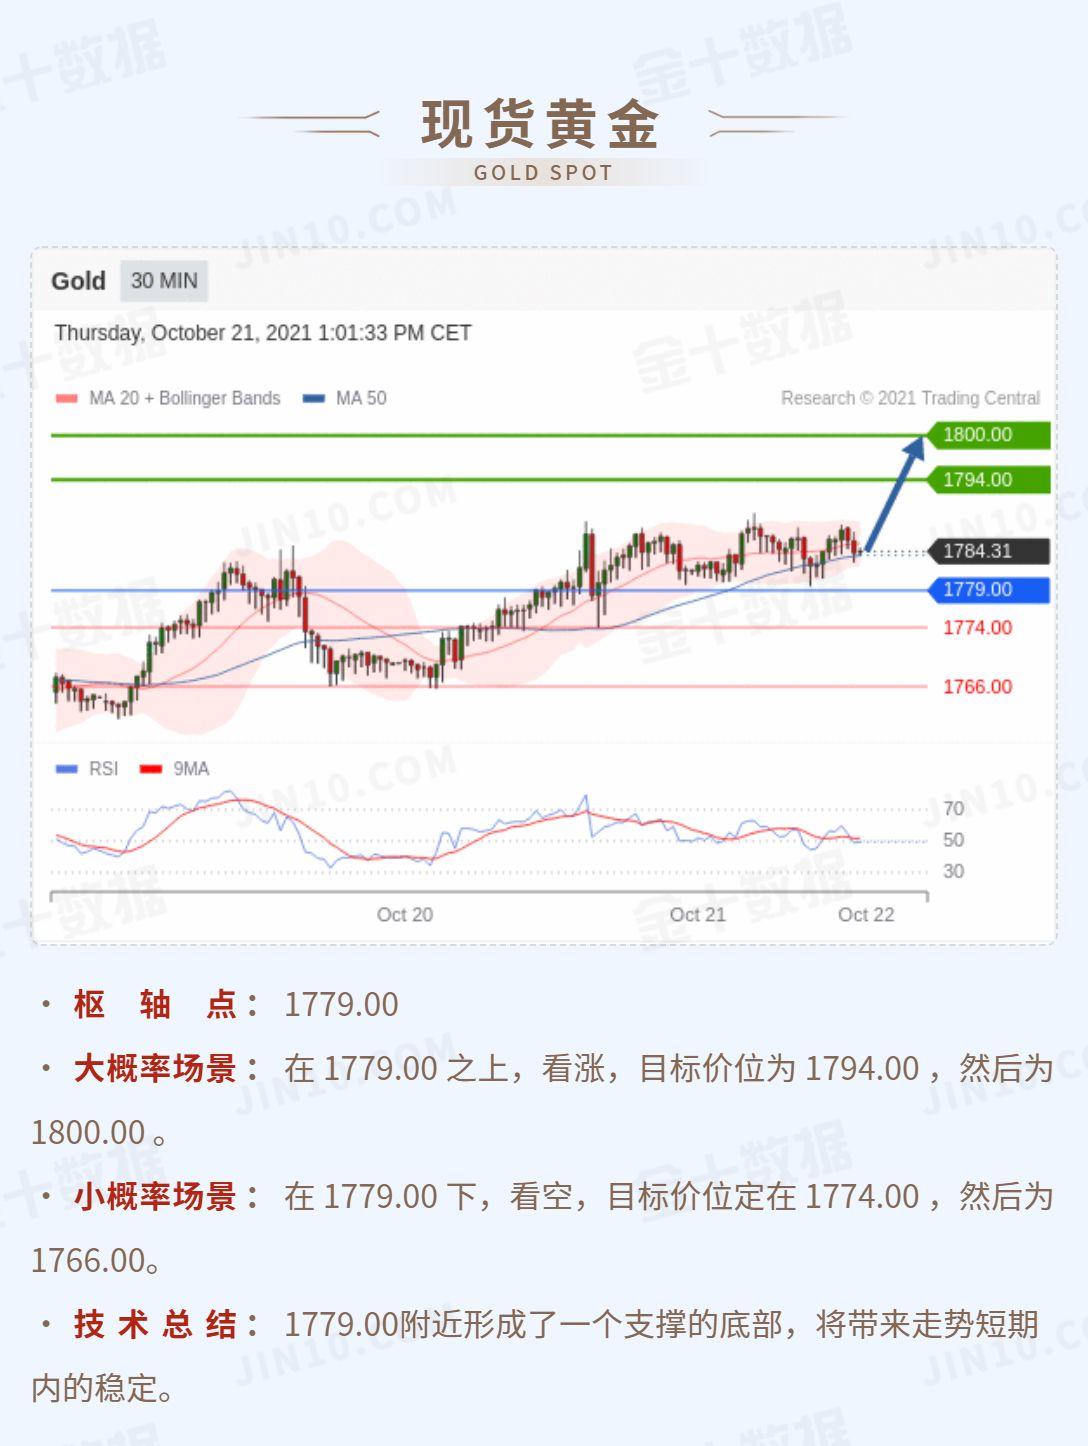 技术刘:黄金在1779之上看涨,美日逼近第一支撑